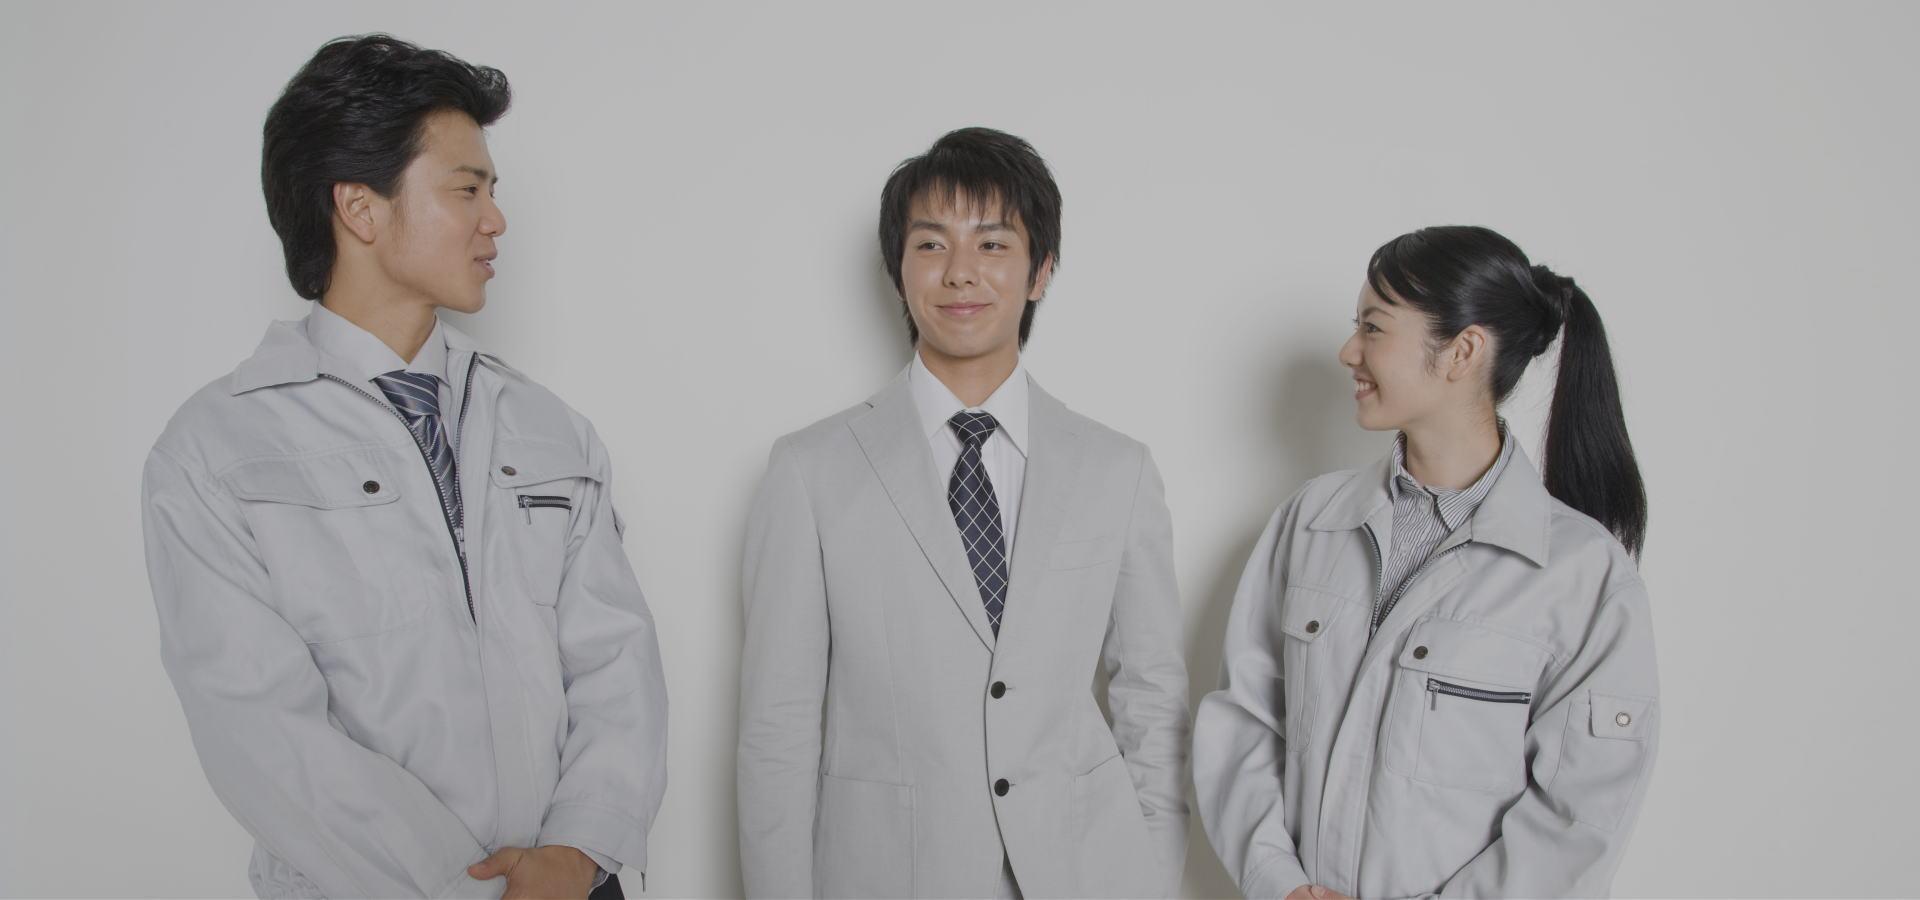 オネスト東日本株式会社